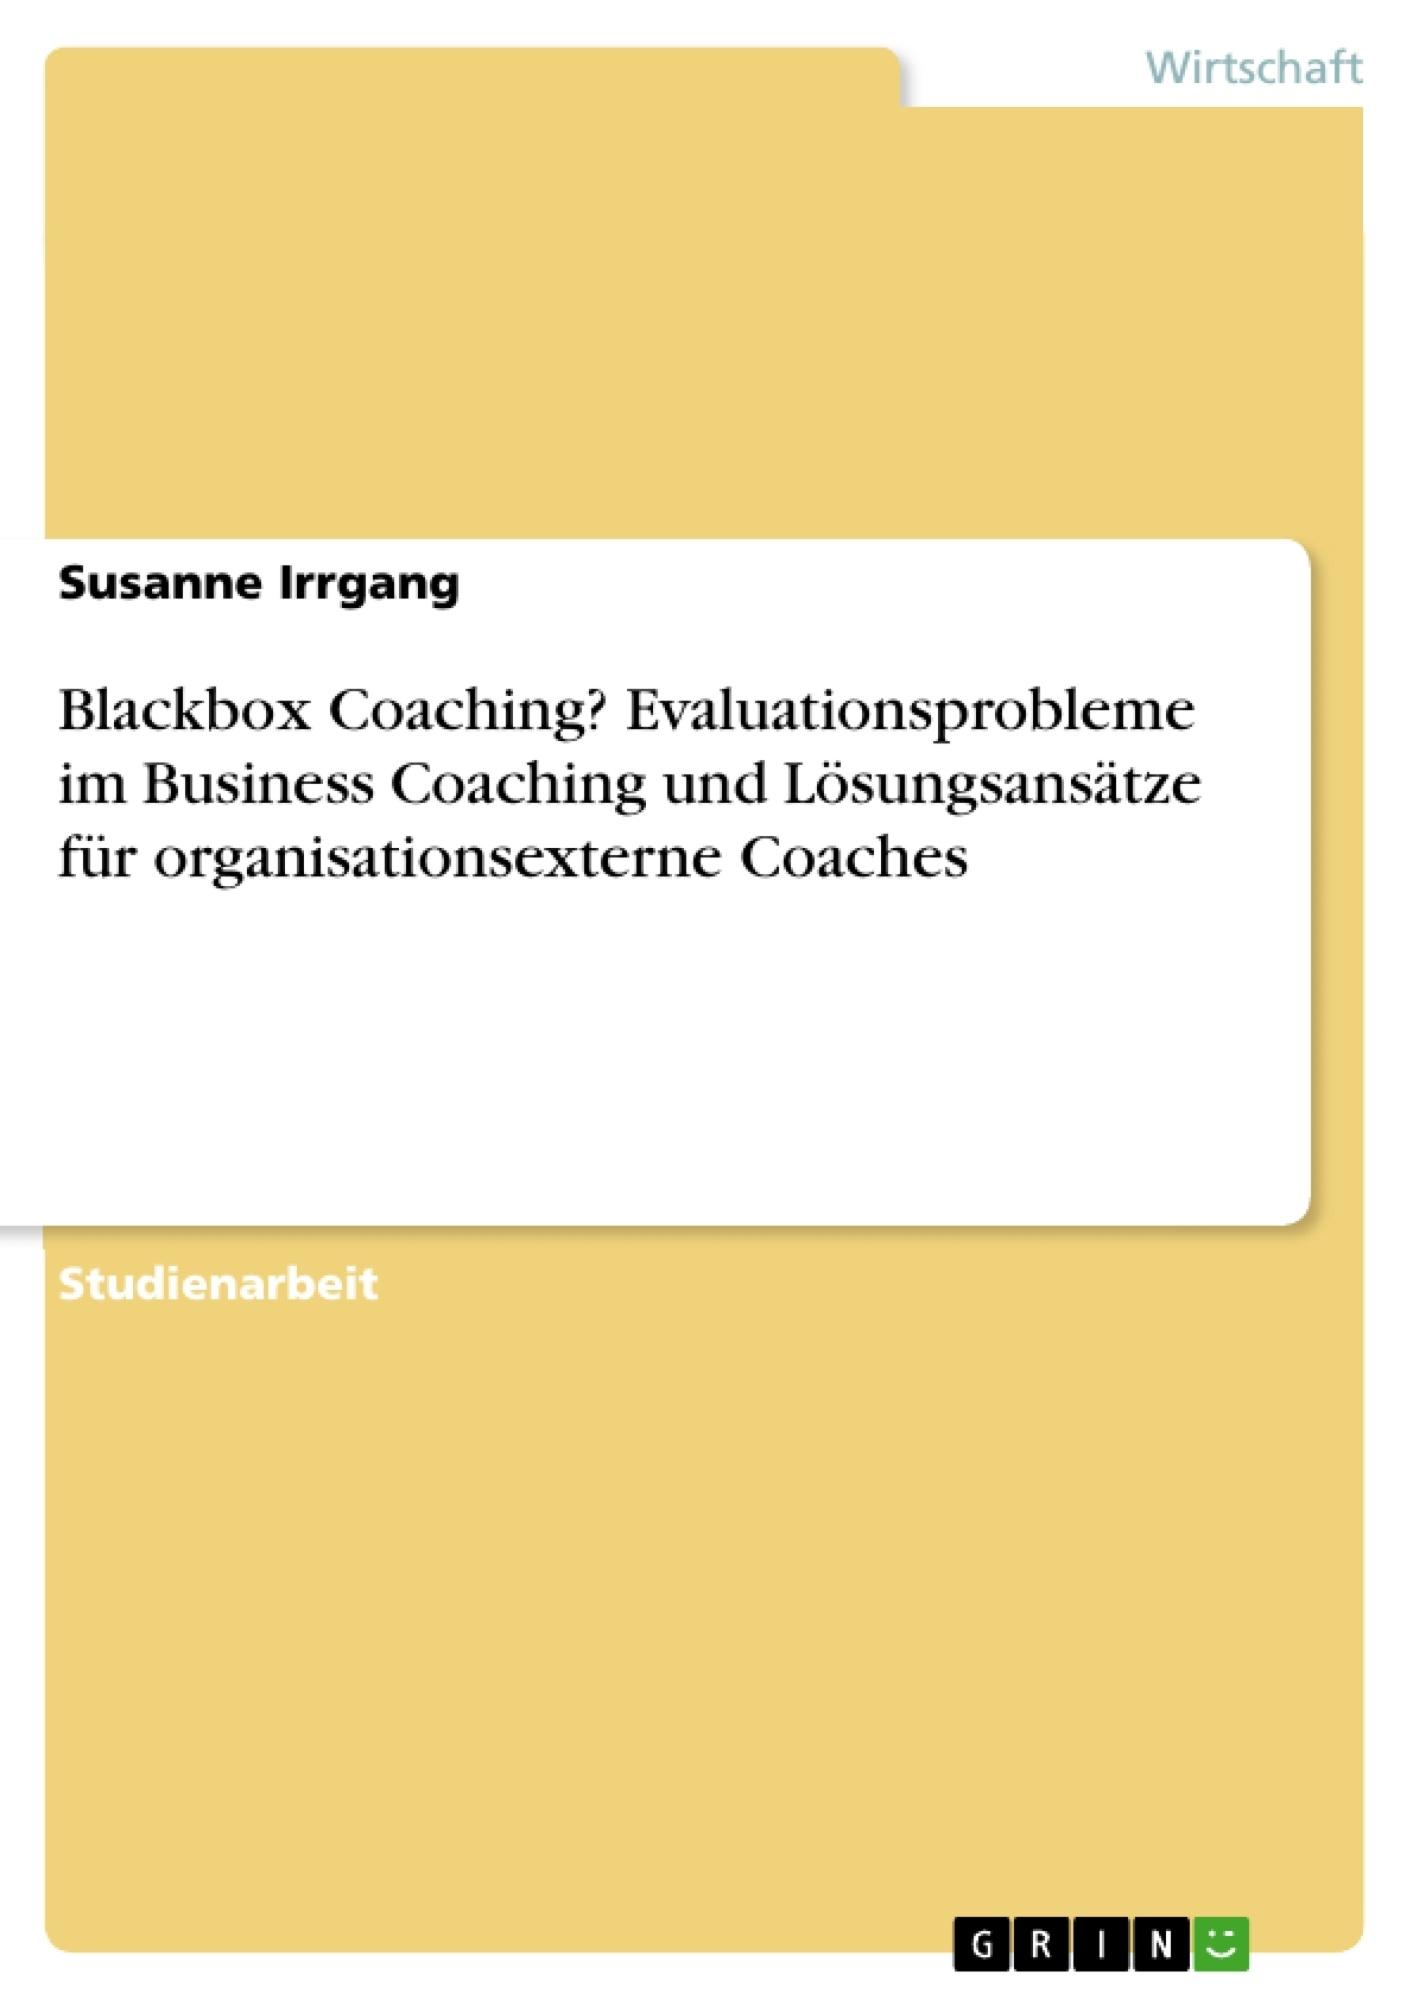 Titel: Blackbox Coaching? Evaluationsprobleme im Business Coaching und Lösungsansätze für organisationsexterne Coaches